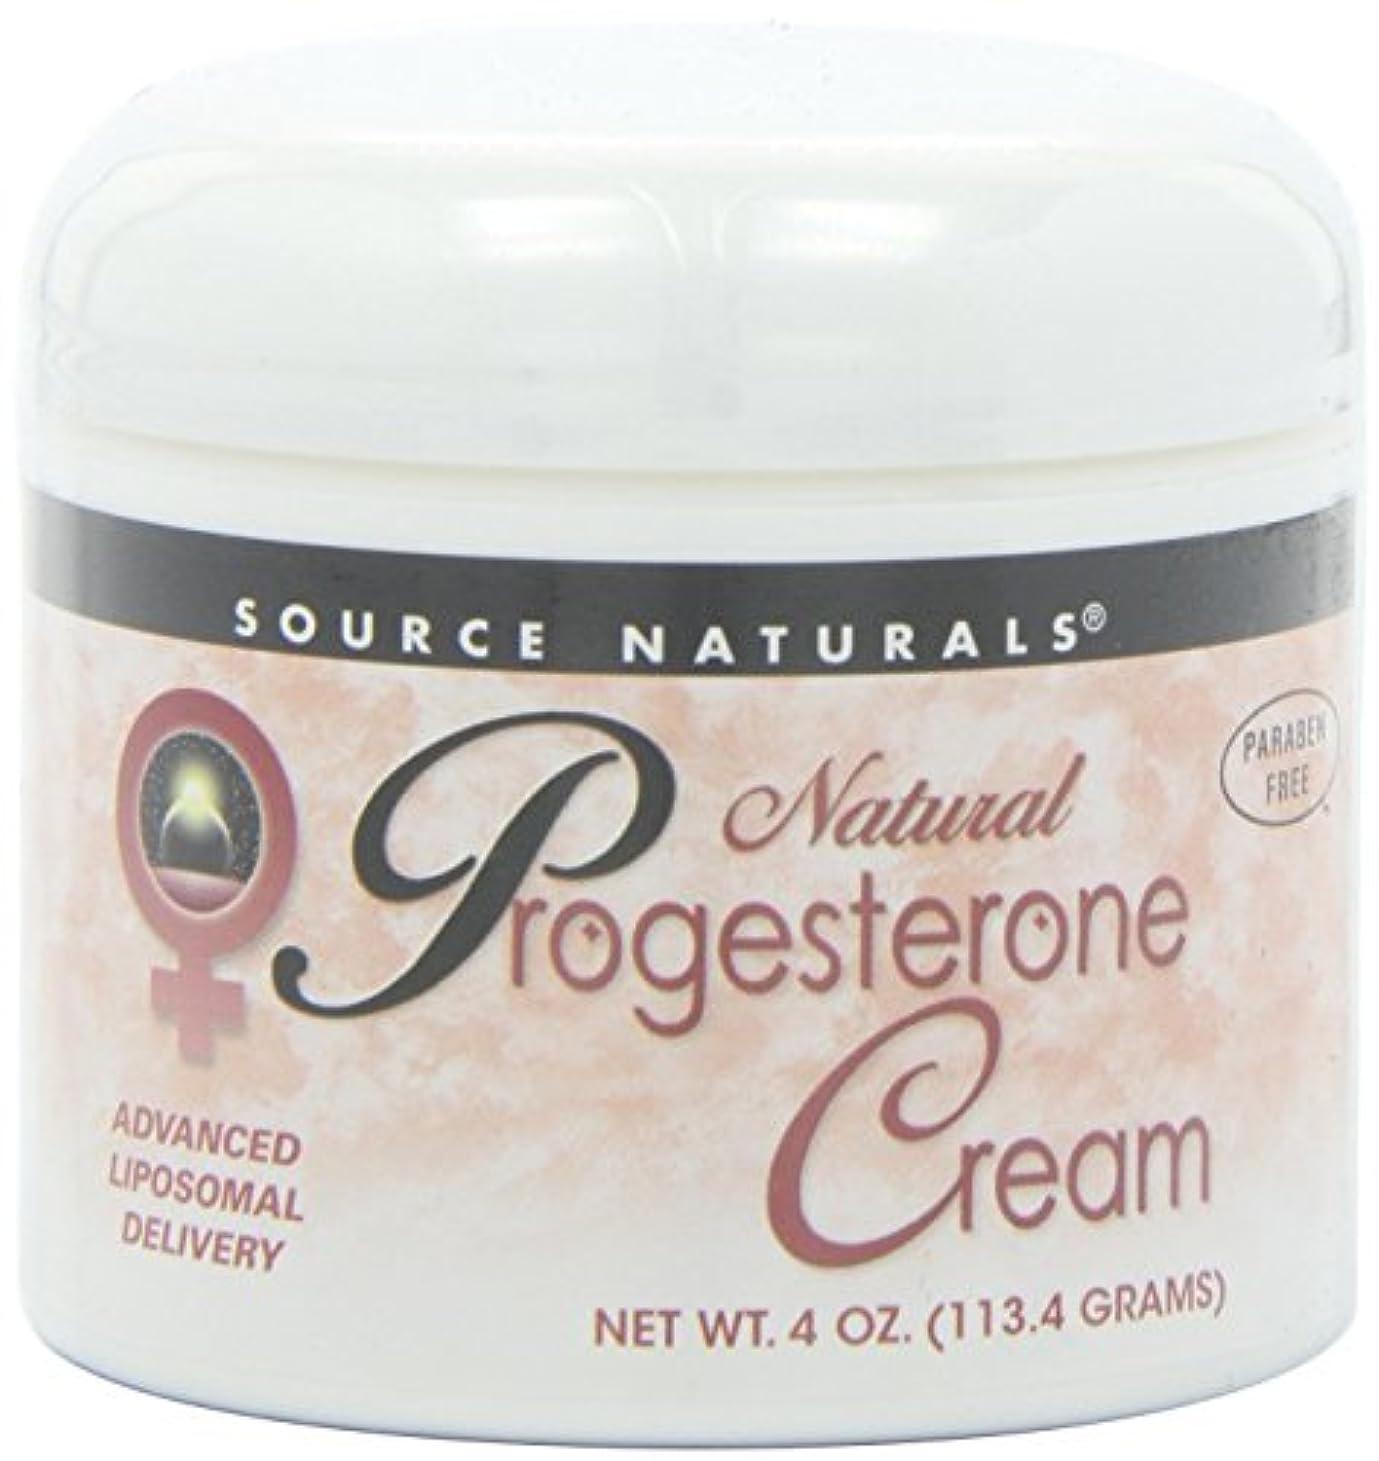 ビリーボトルネックガイダンスSource Naturals Natural Progesterone Cream, 4 Ounce (113.4 g) クリーム 並行輸入品 [並行輸入品]